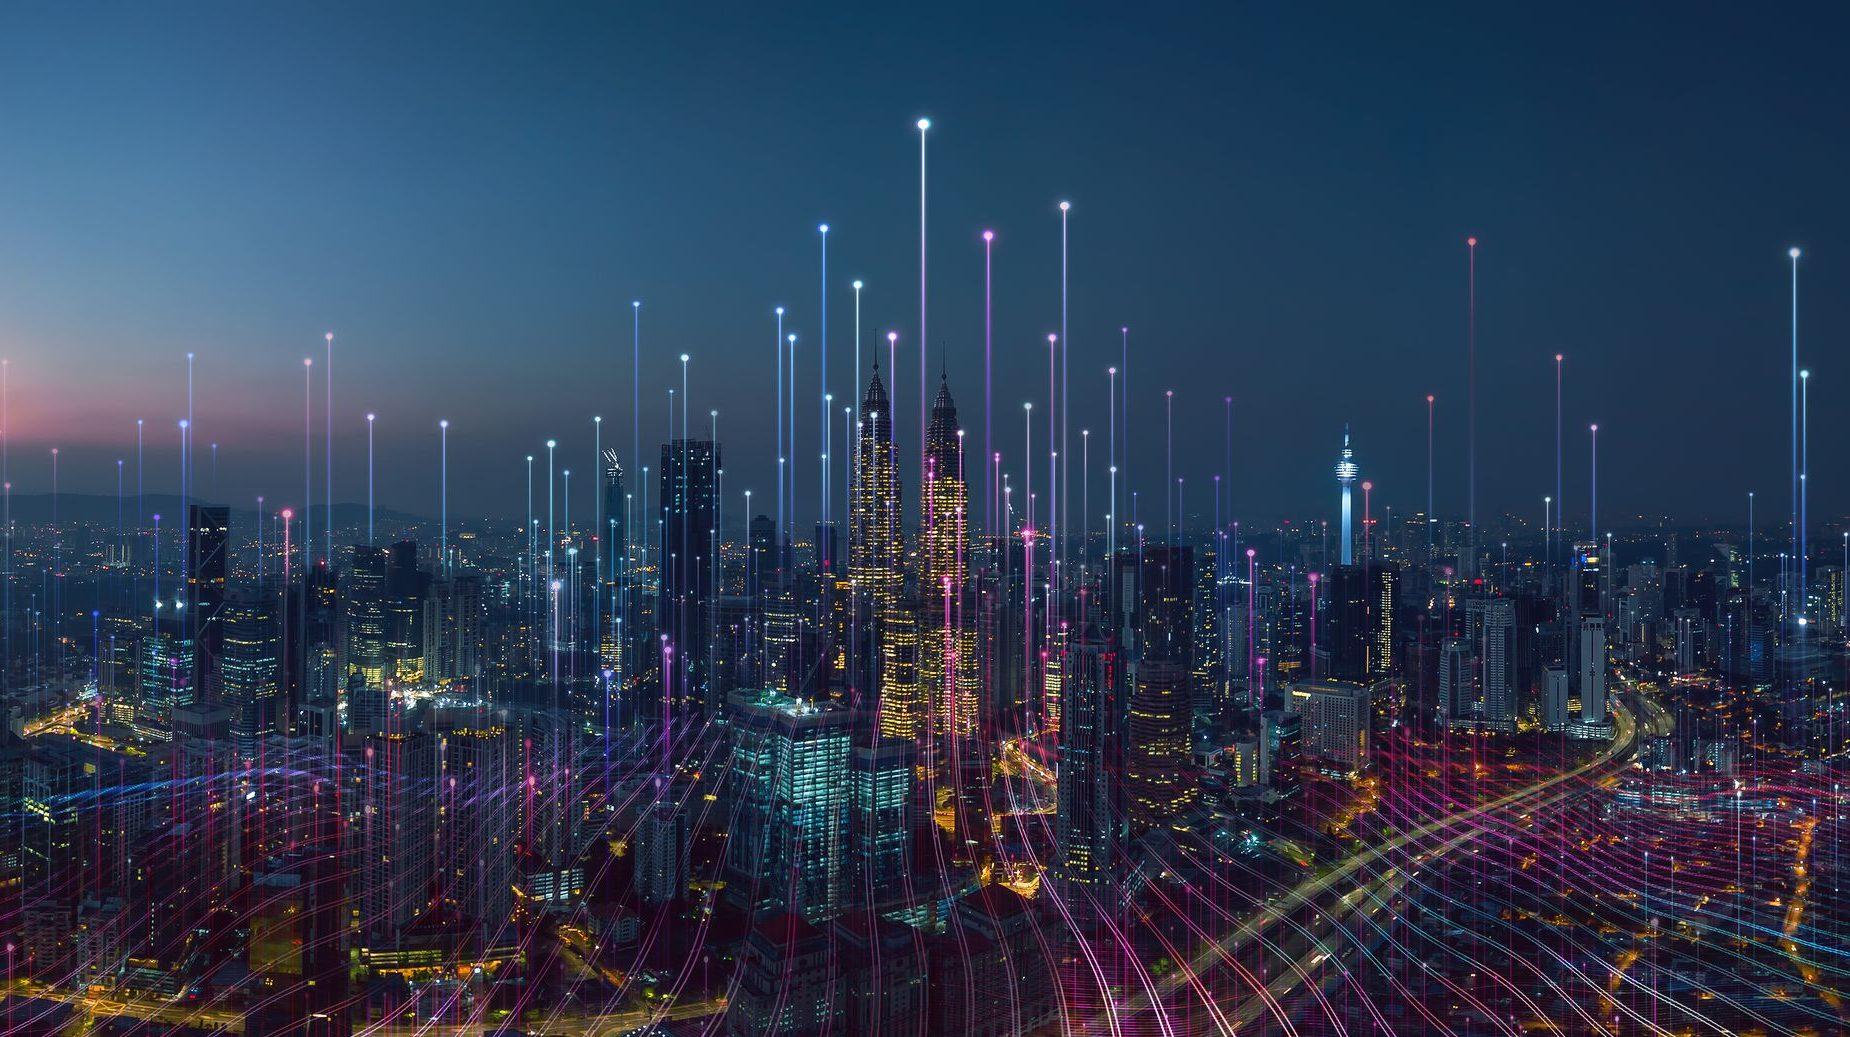 « Technophile ou technophobe ? La pensée n'a pas de camp » Dany-Robert Dufour